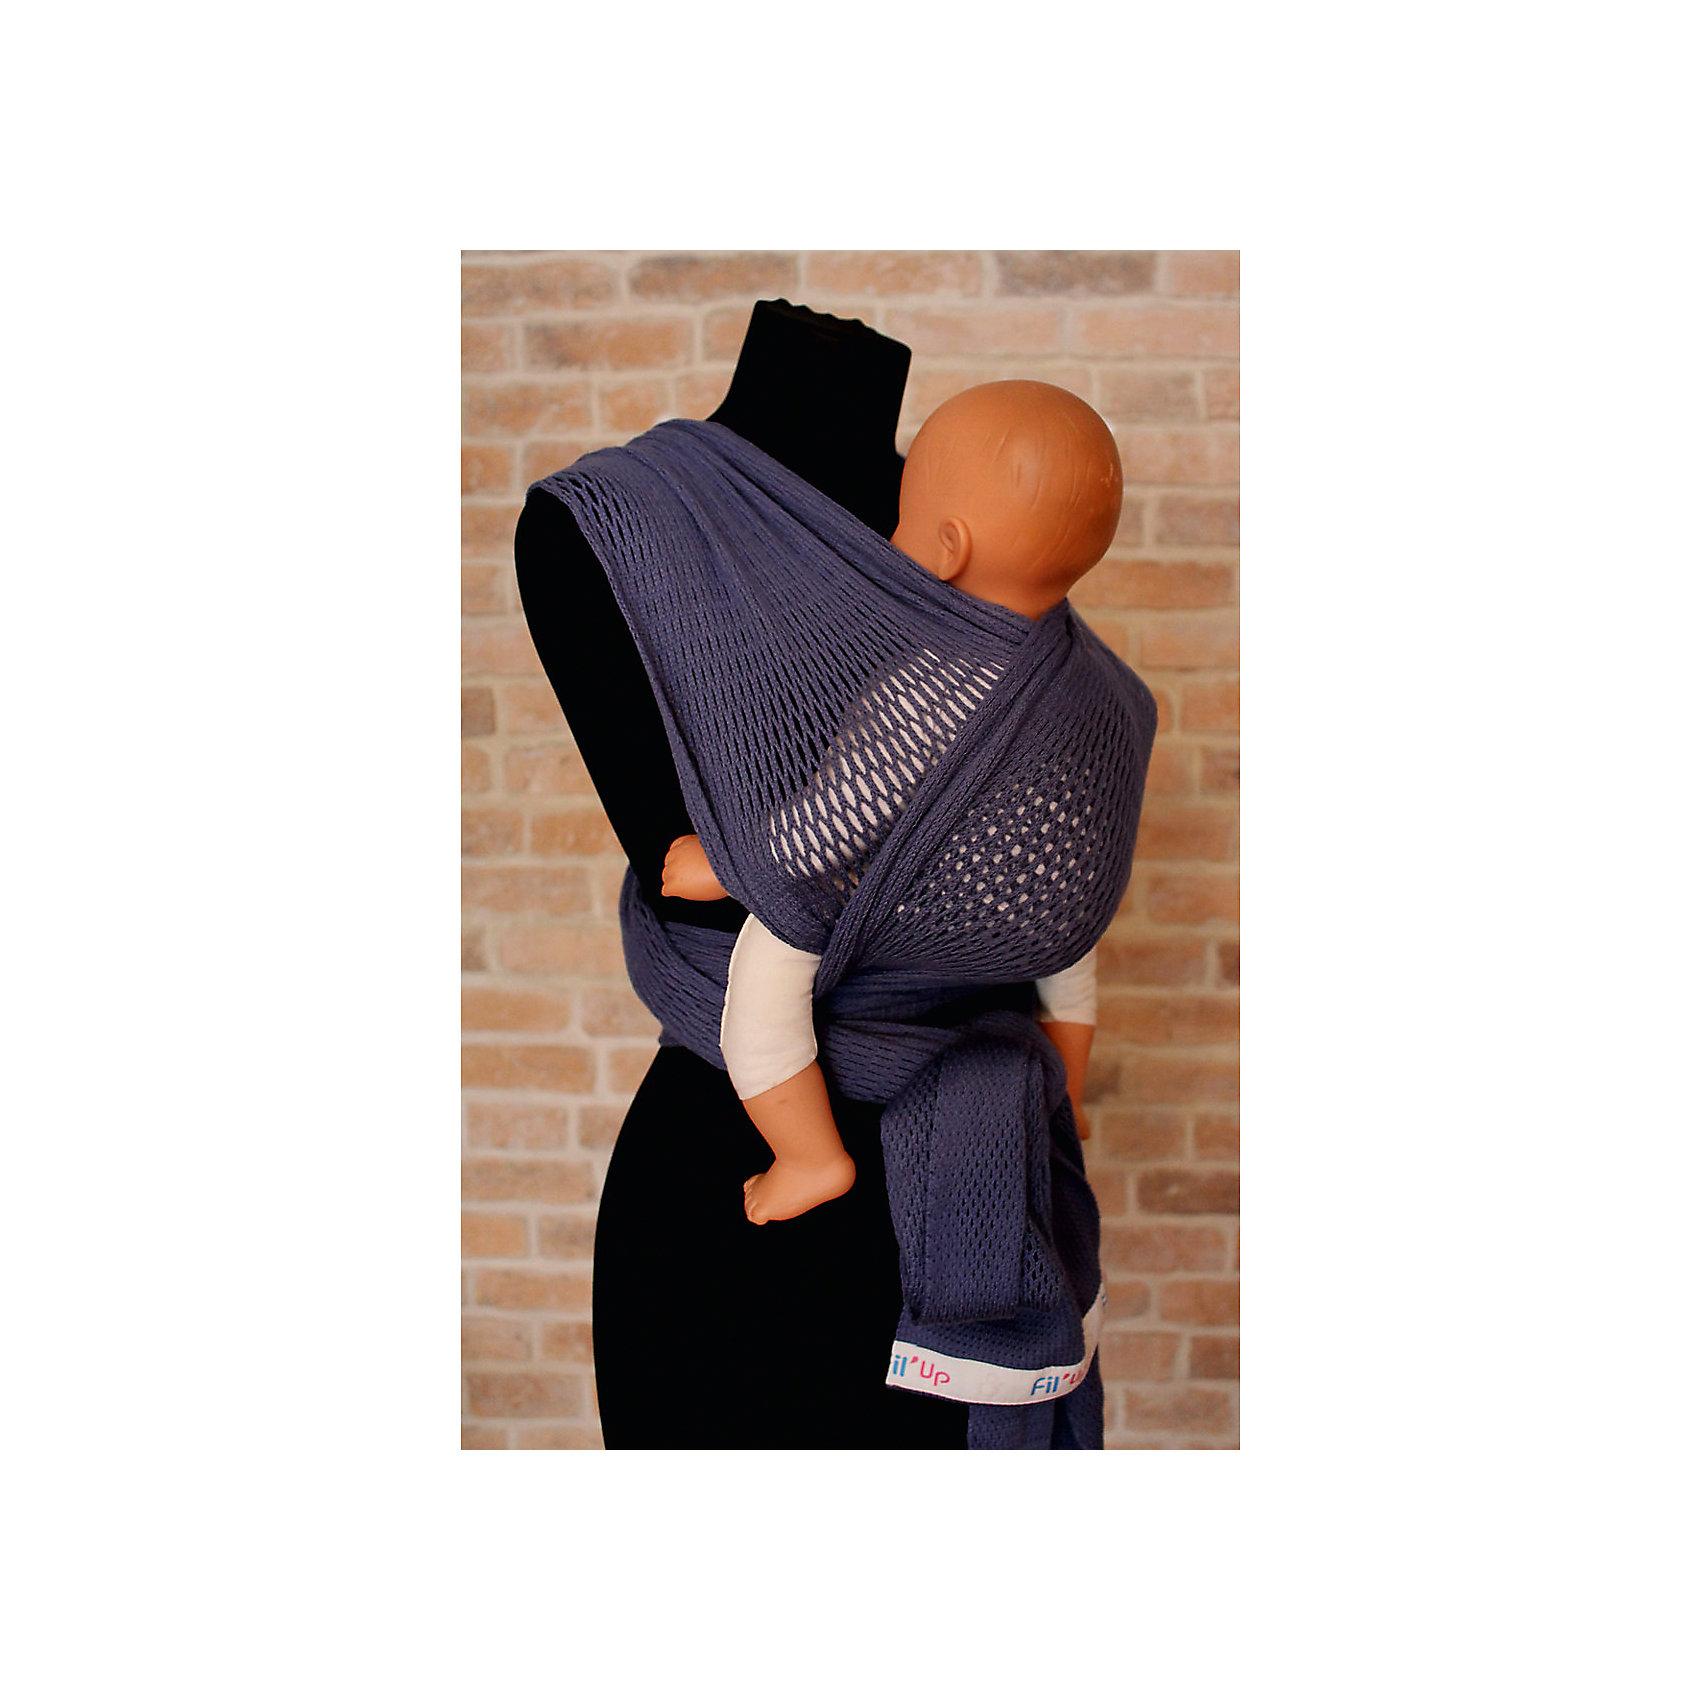 Слинг-шарф из хлопка плетеный размер l-xl, Филап, Filt, джинсовыйСлинги и рюкзаки-переноски<br><br><br>Ширина мм: 800<br>Глубина мм: 800<br>Высота мм: 50<br>Вес г: 500<br>Возраст от месяцев: 0<br>Возраст до месяцев: 12<br>Пол: Унисекс<br>Возраст: Детский<br>SKU: 5445087